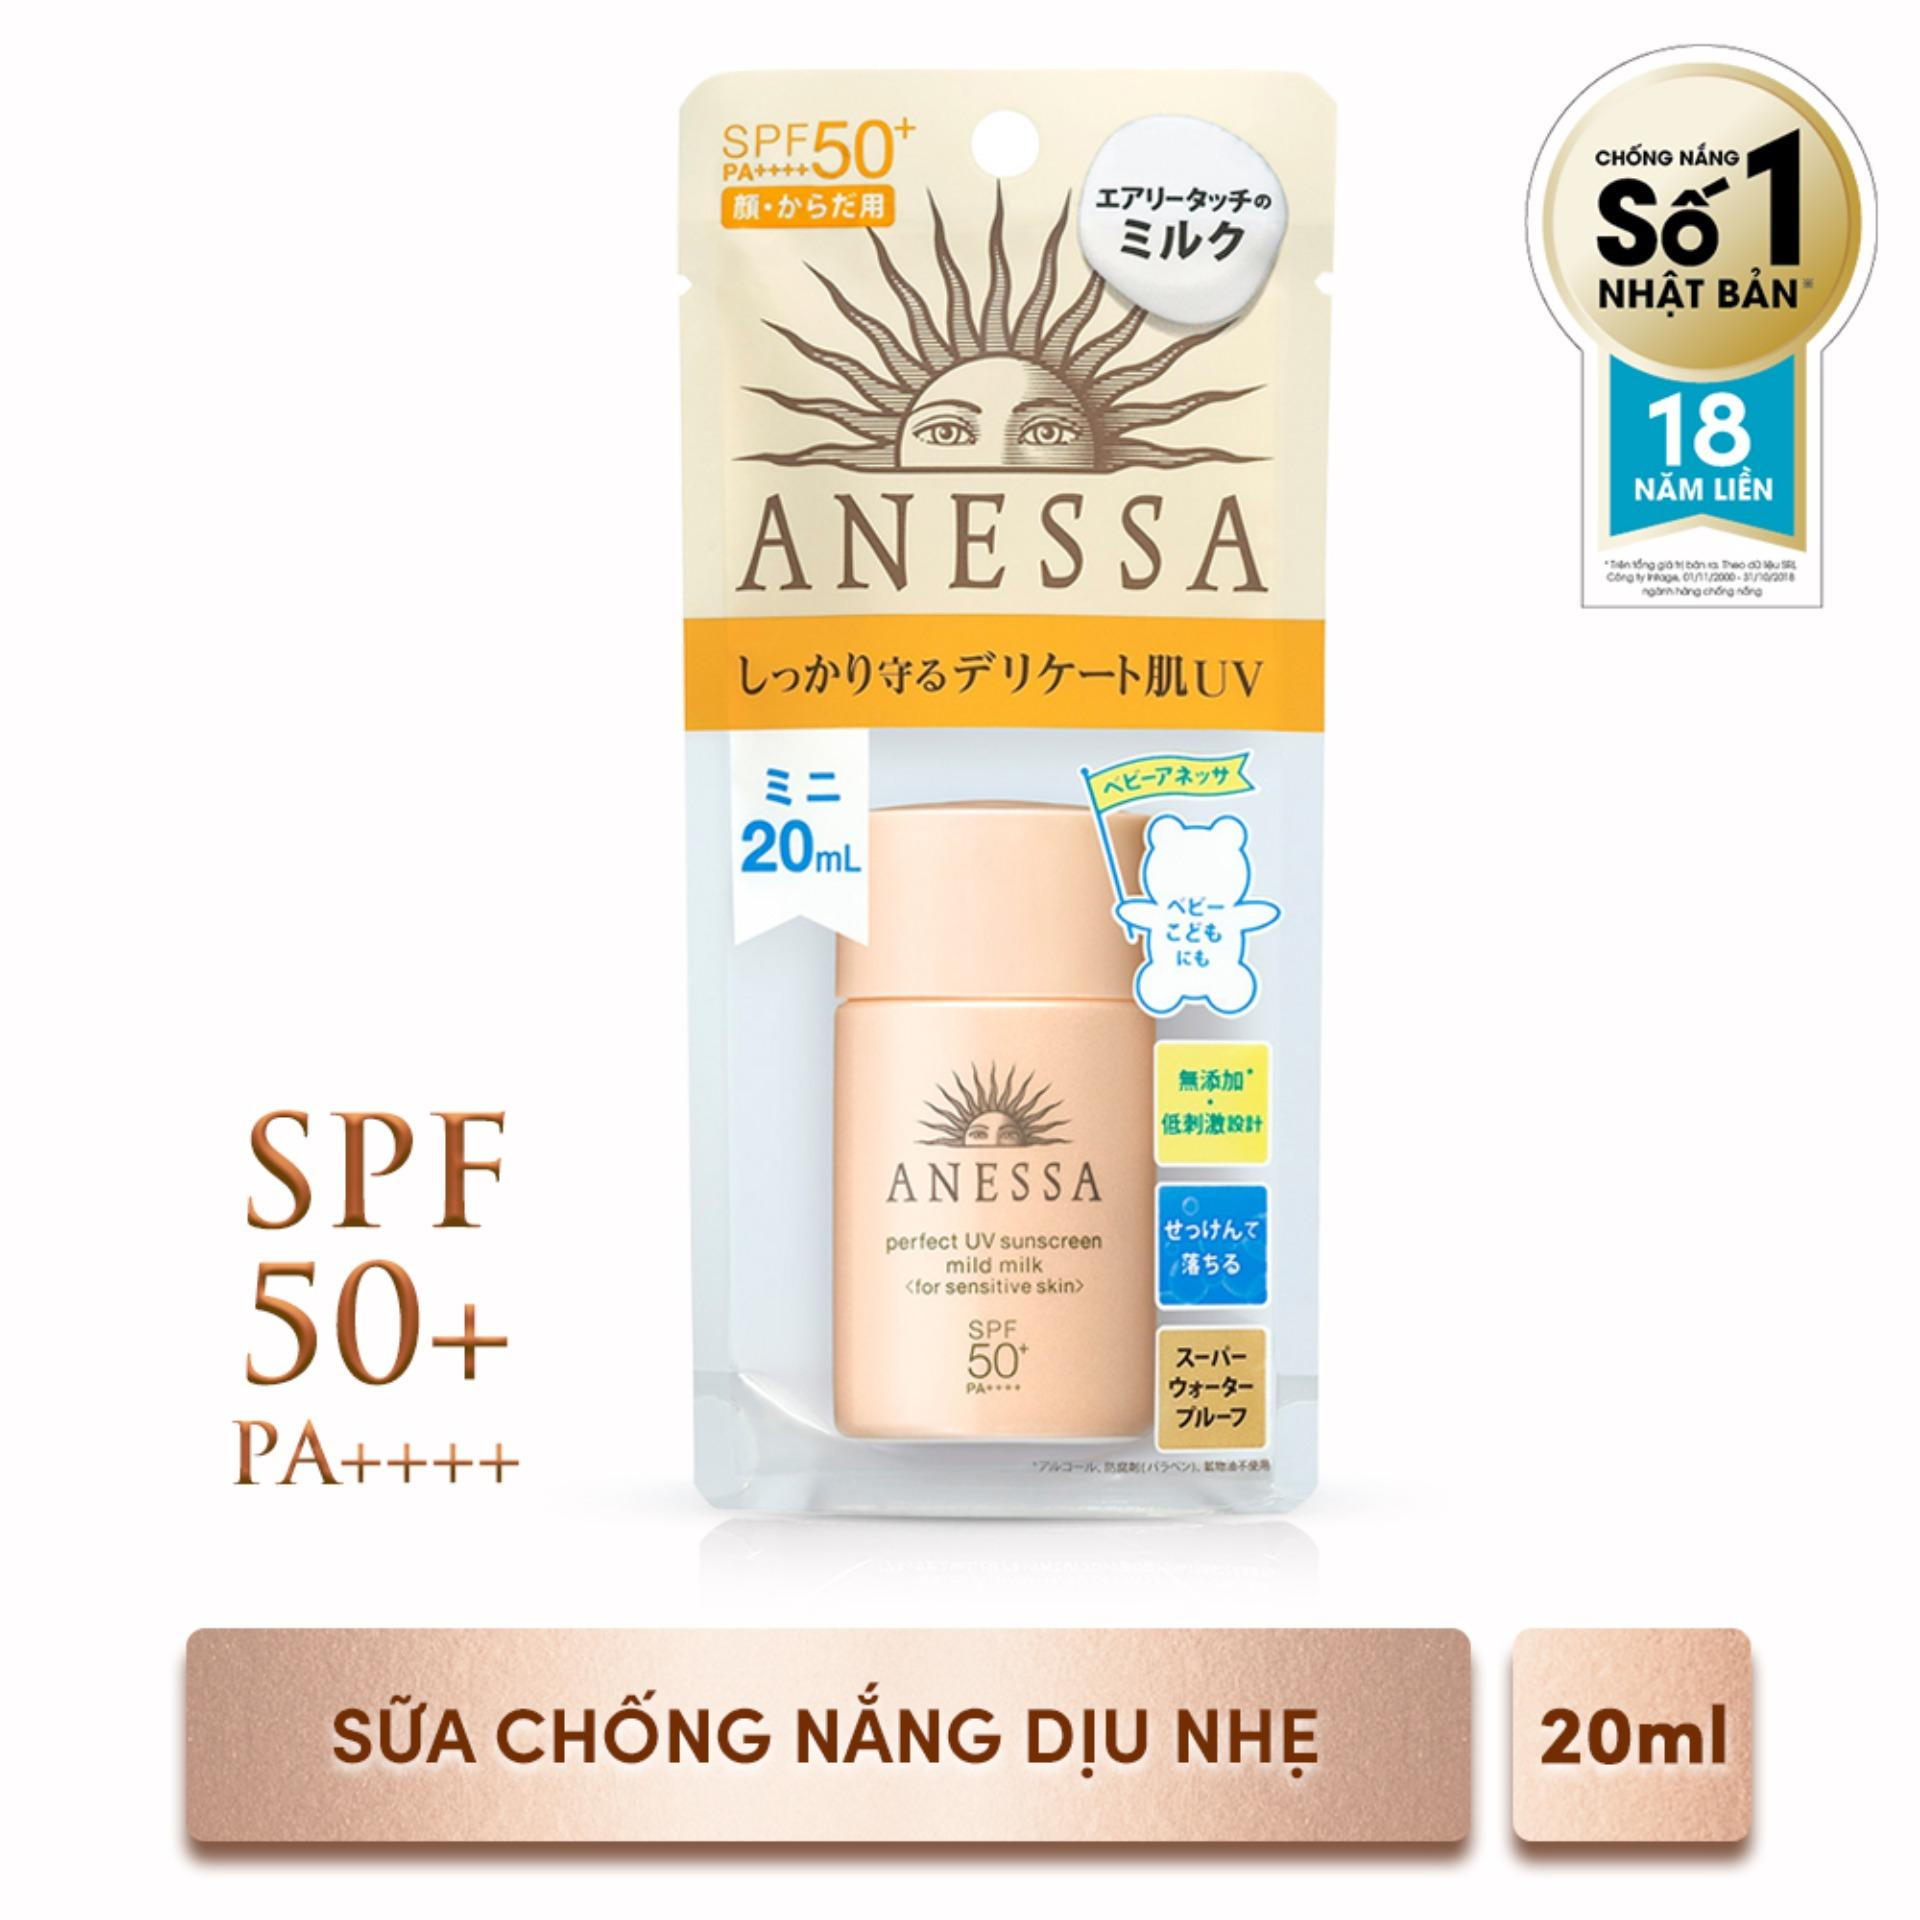 Sữa chống nắng dịu nhẹ cho da nhạy cảm Anessa Perfect UV Sunscreen Mild Milk - SPF50+, PA++++ - 20ml Nhật Bản